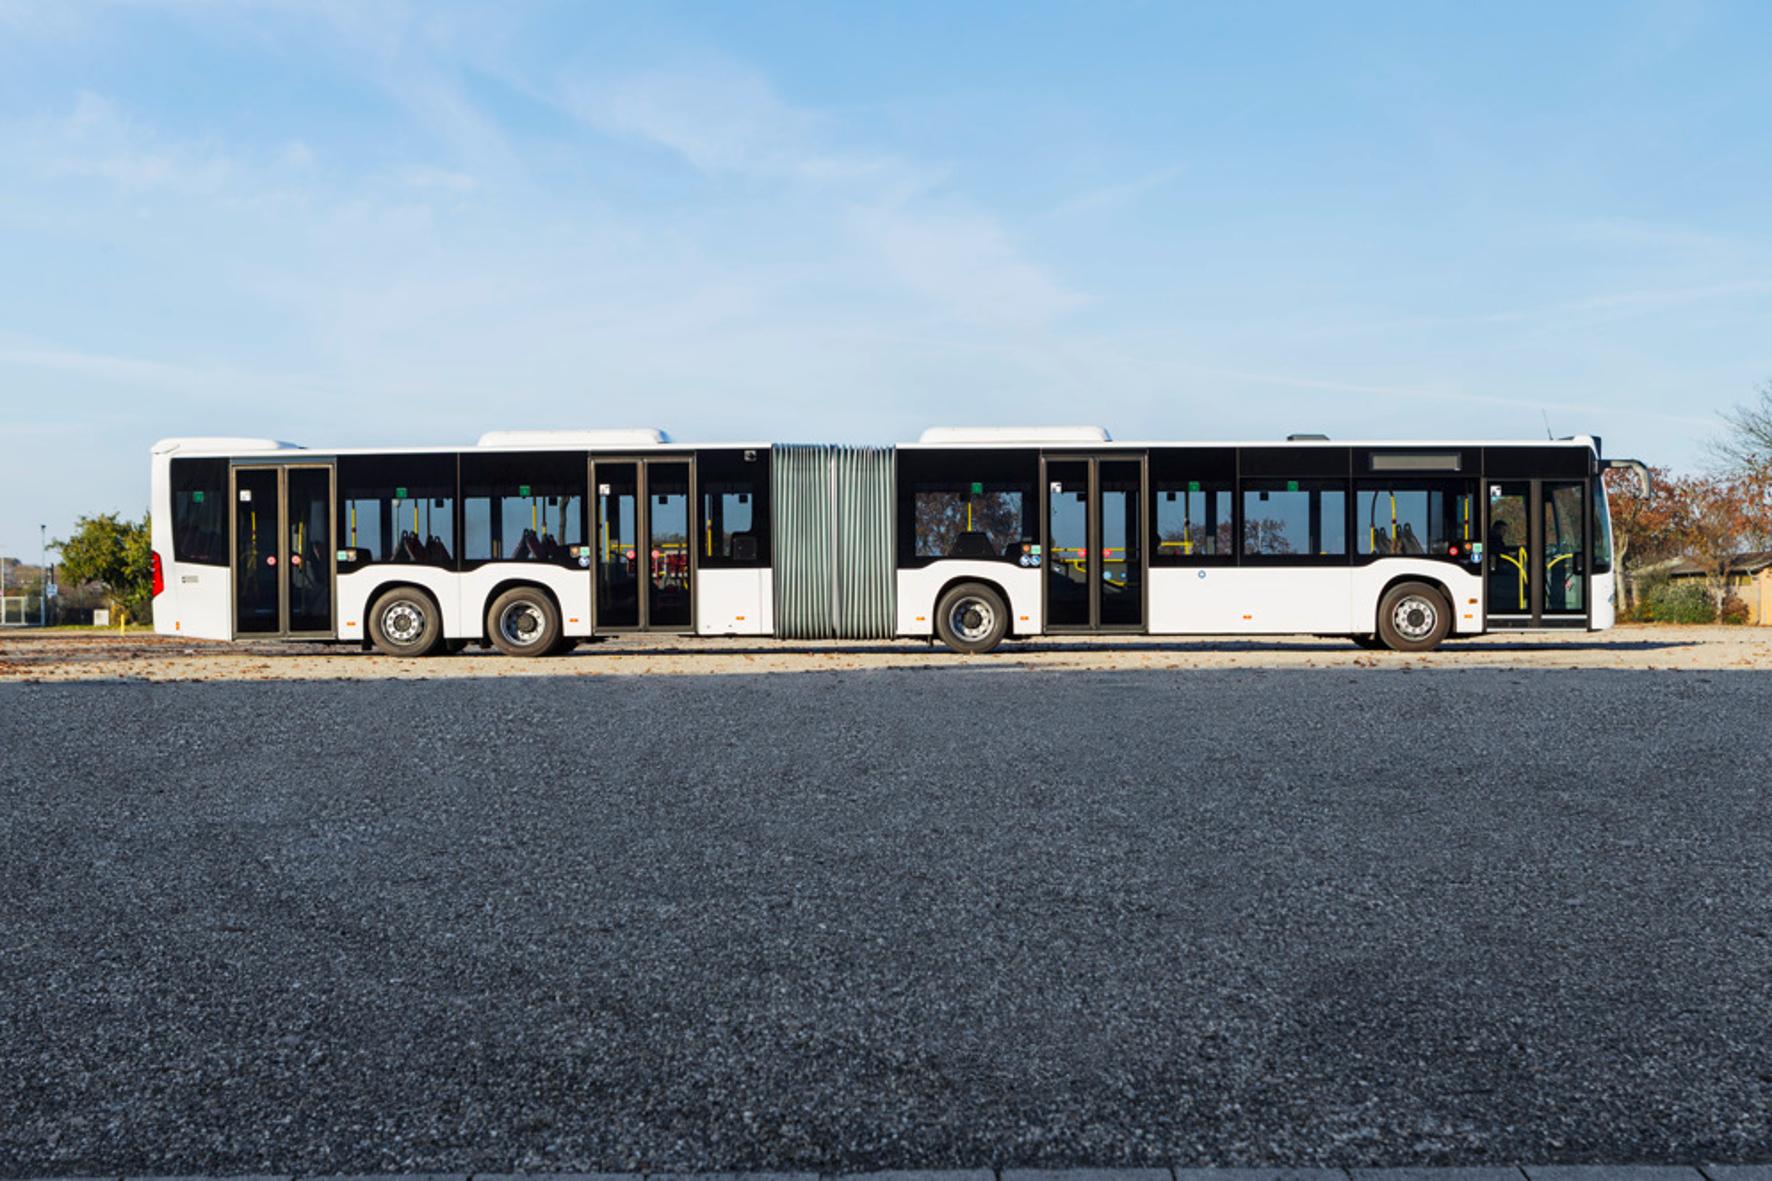 mid Groß-Gerau - Vier Achsen im Vierviertel-Takt: Der CapaCity-Gelenkbus von Mercedes feiert jetzt bei den Wiener Linien Premiere.